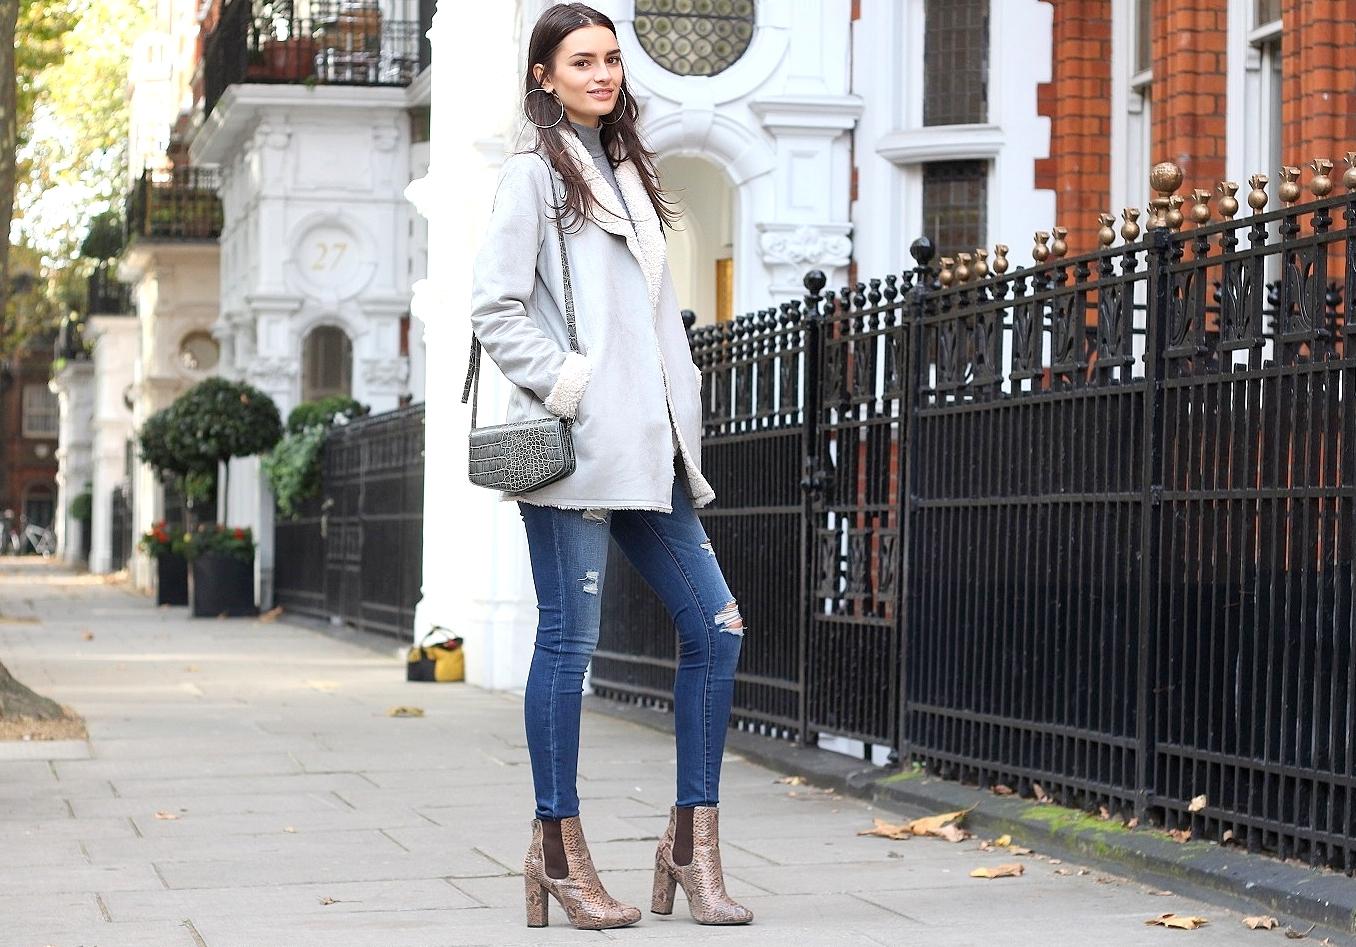 peexo fashion blogger wearing shearling